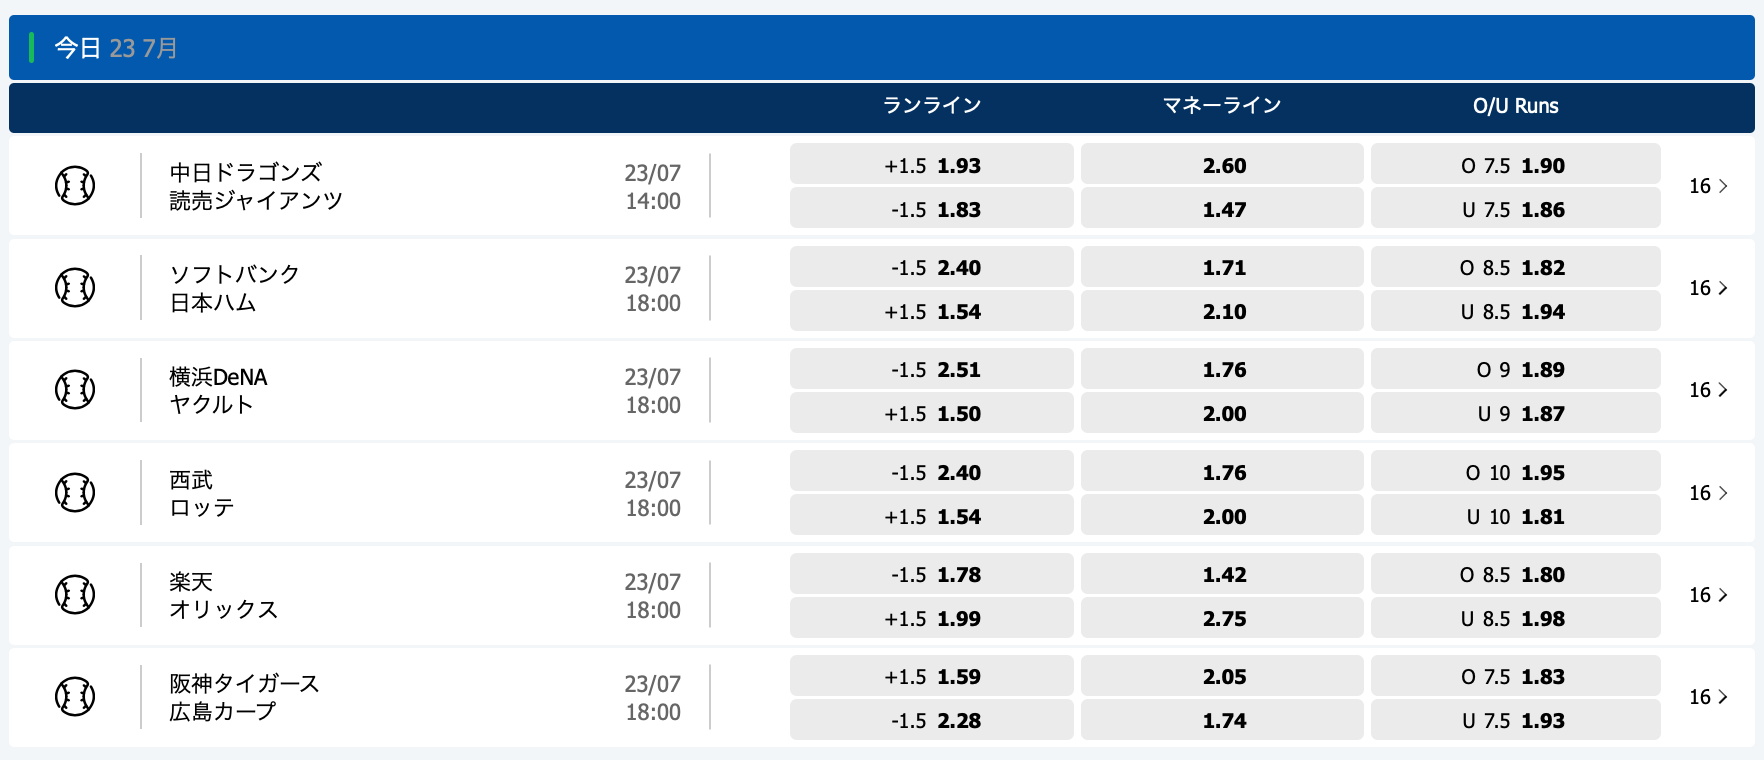 2020.7.23 プロ野球オッズ・10bet Japan